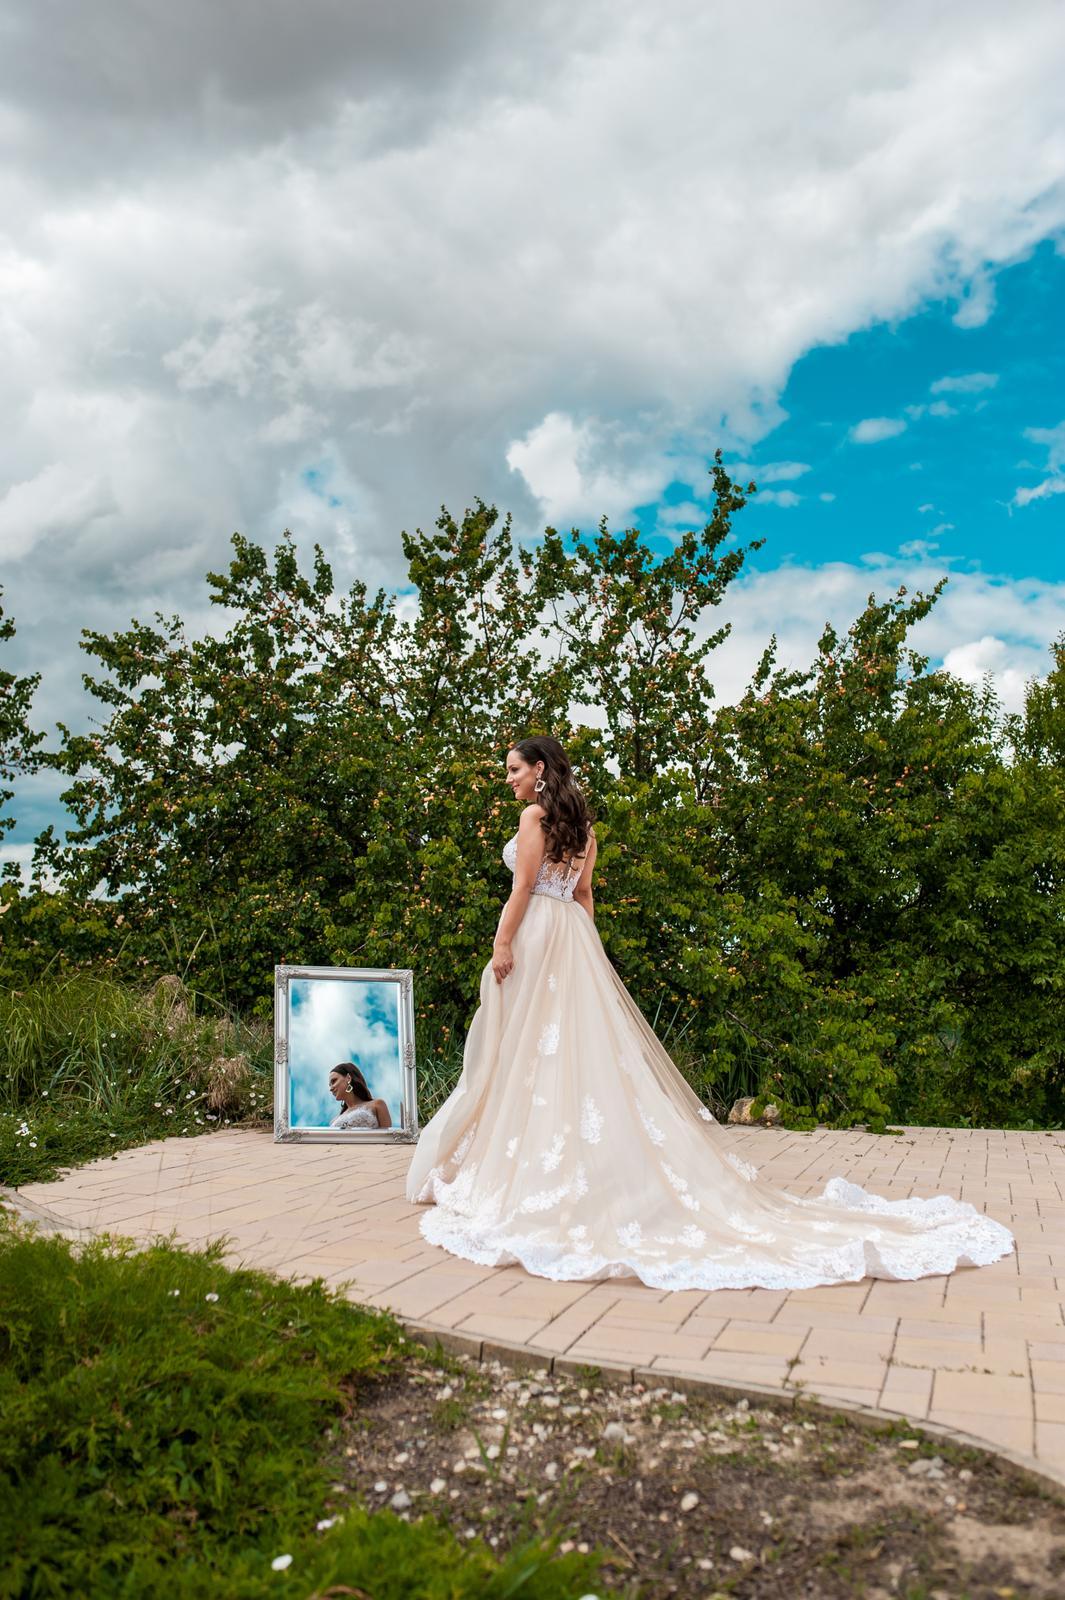 Wedding ♥ - Obrázek č. 21